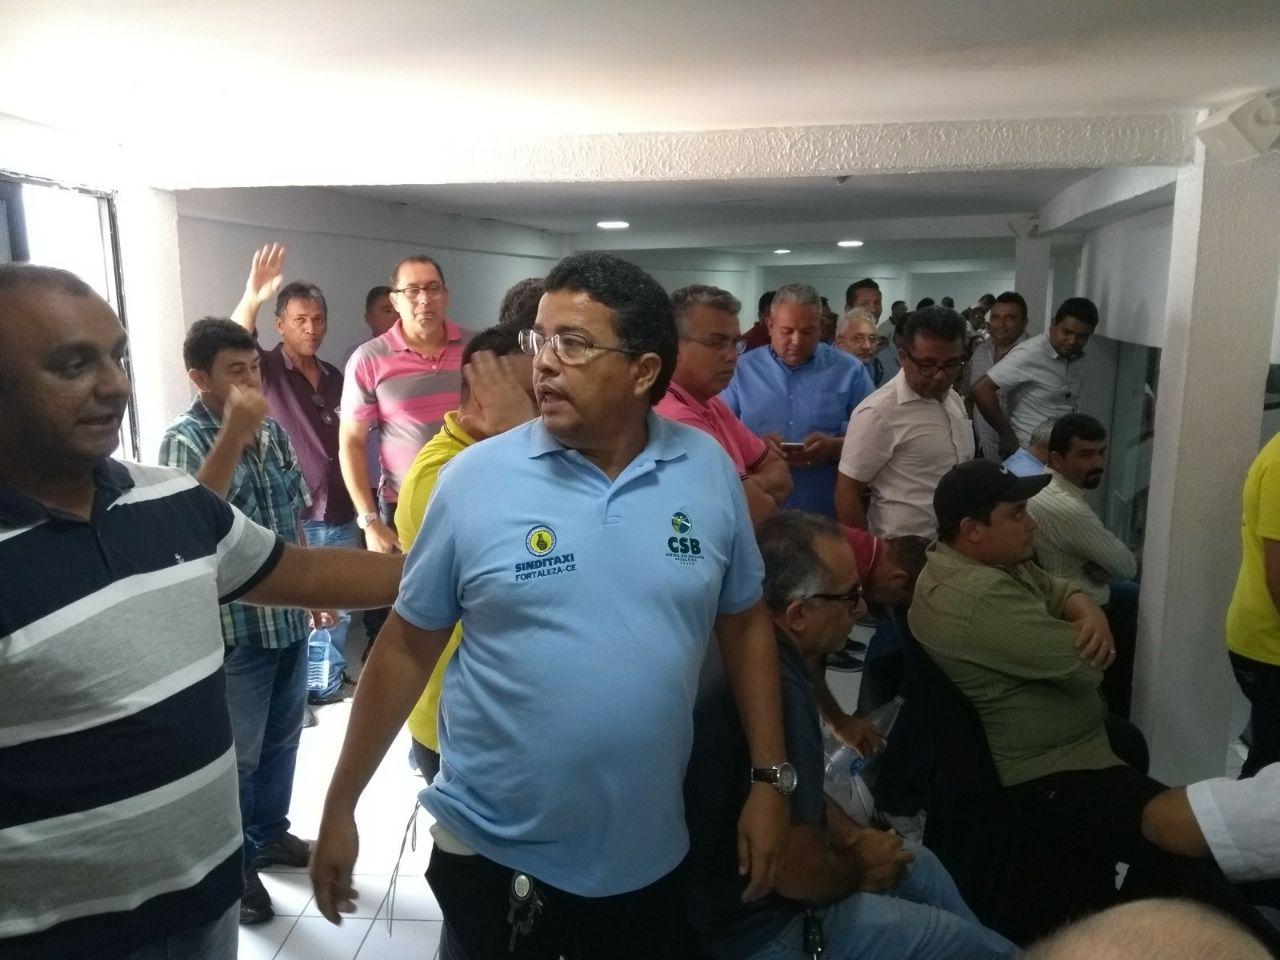 Para taxistas, regulamentação dos aplicativos de transporte não traz segurança aos passageiros de Fortaleza (CE)